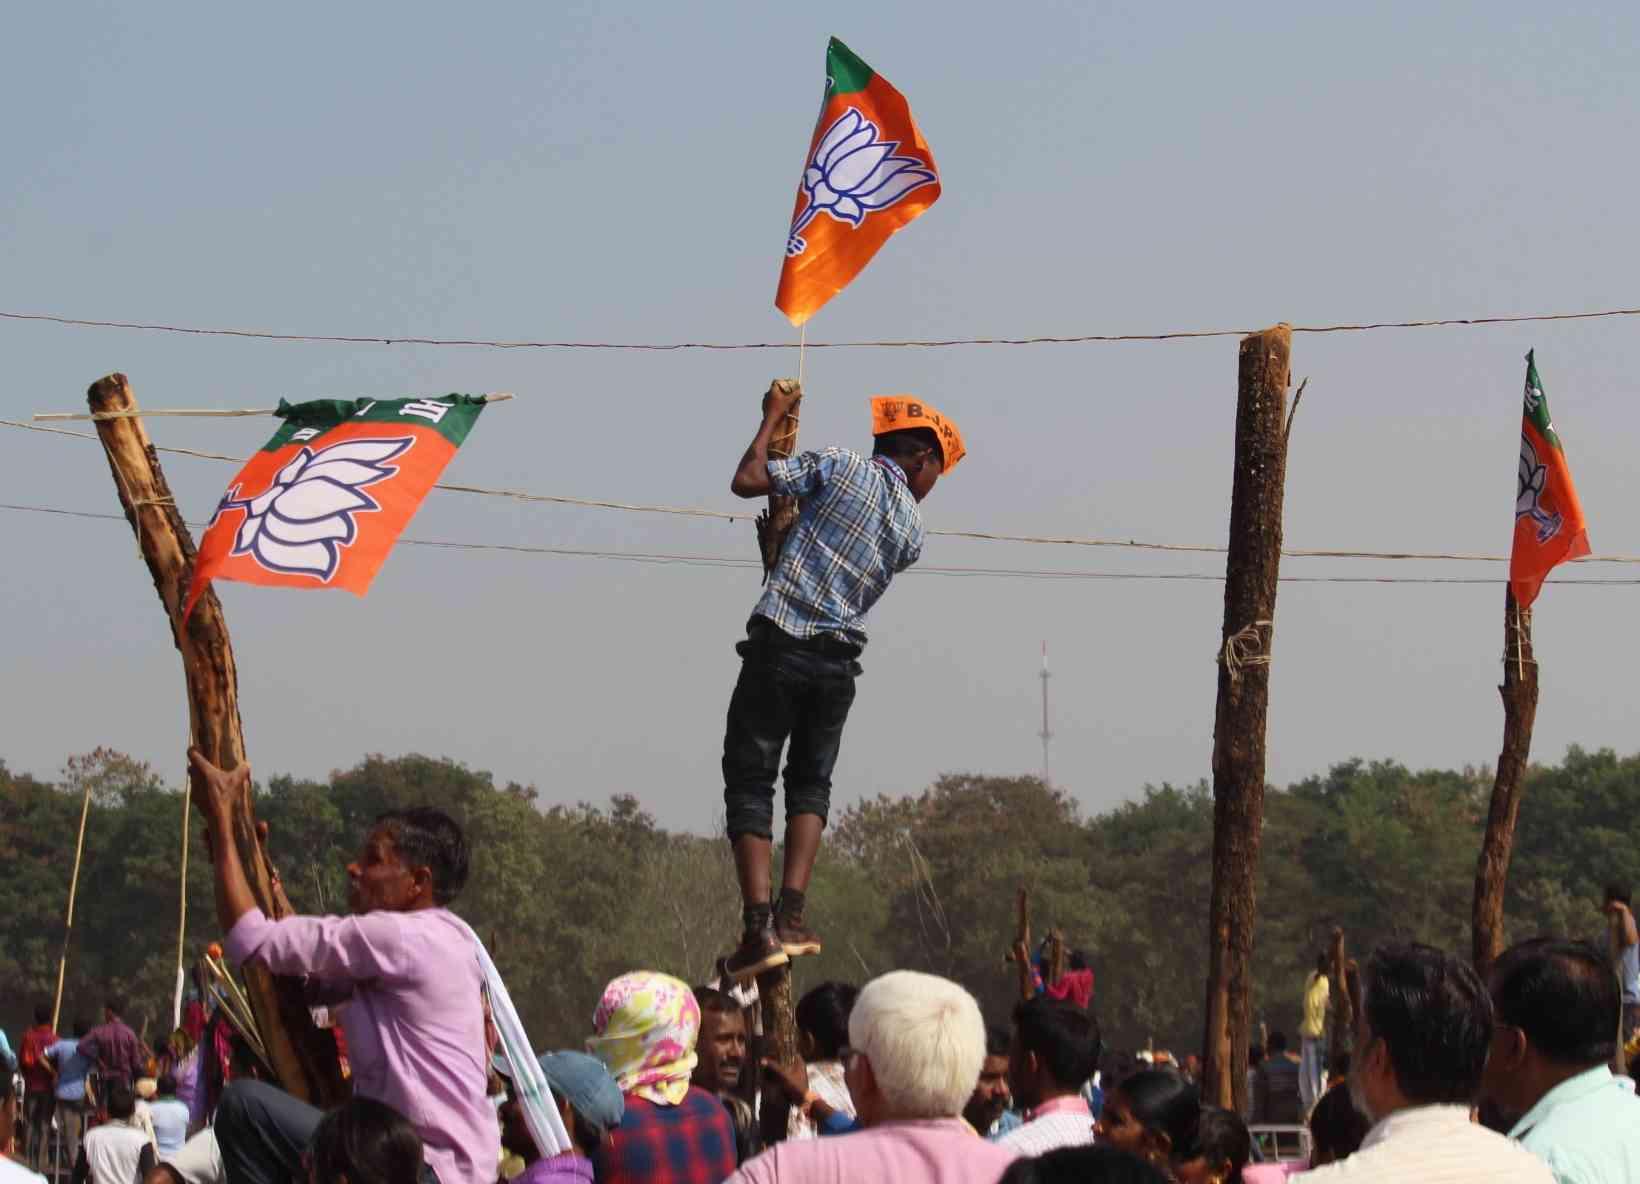 नरेंद्र मोदी की जनसभा के बाद पार्टी का झंडा ले जाने की होड़